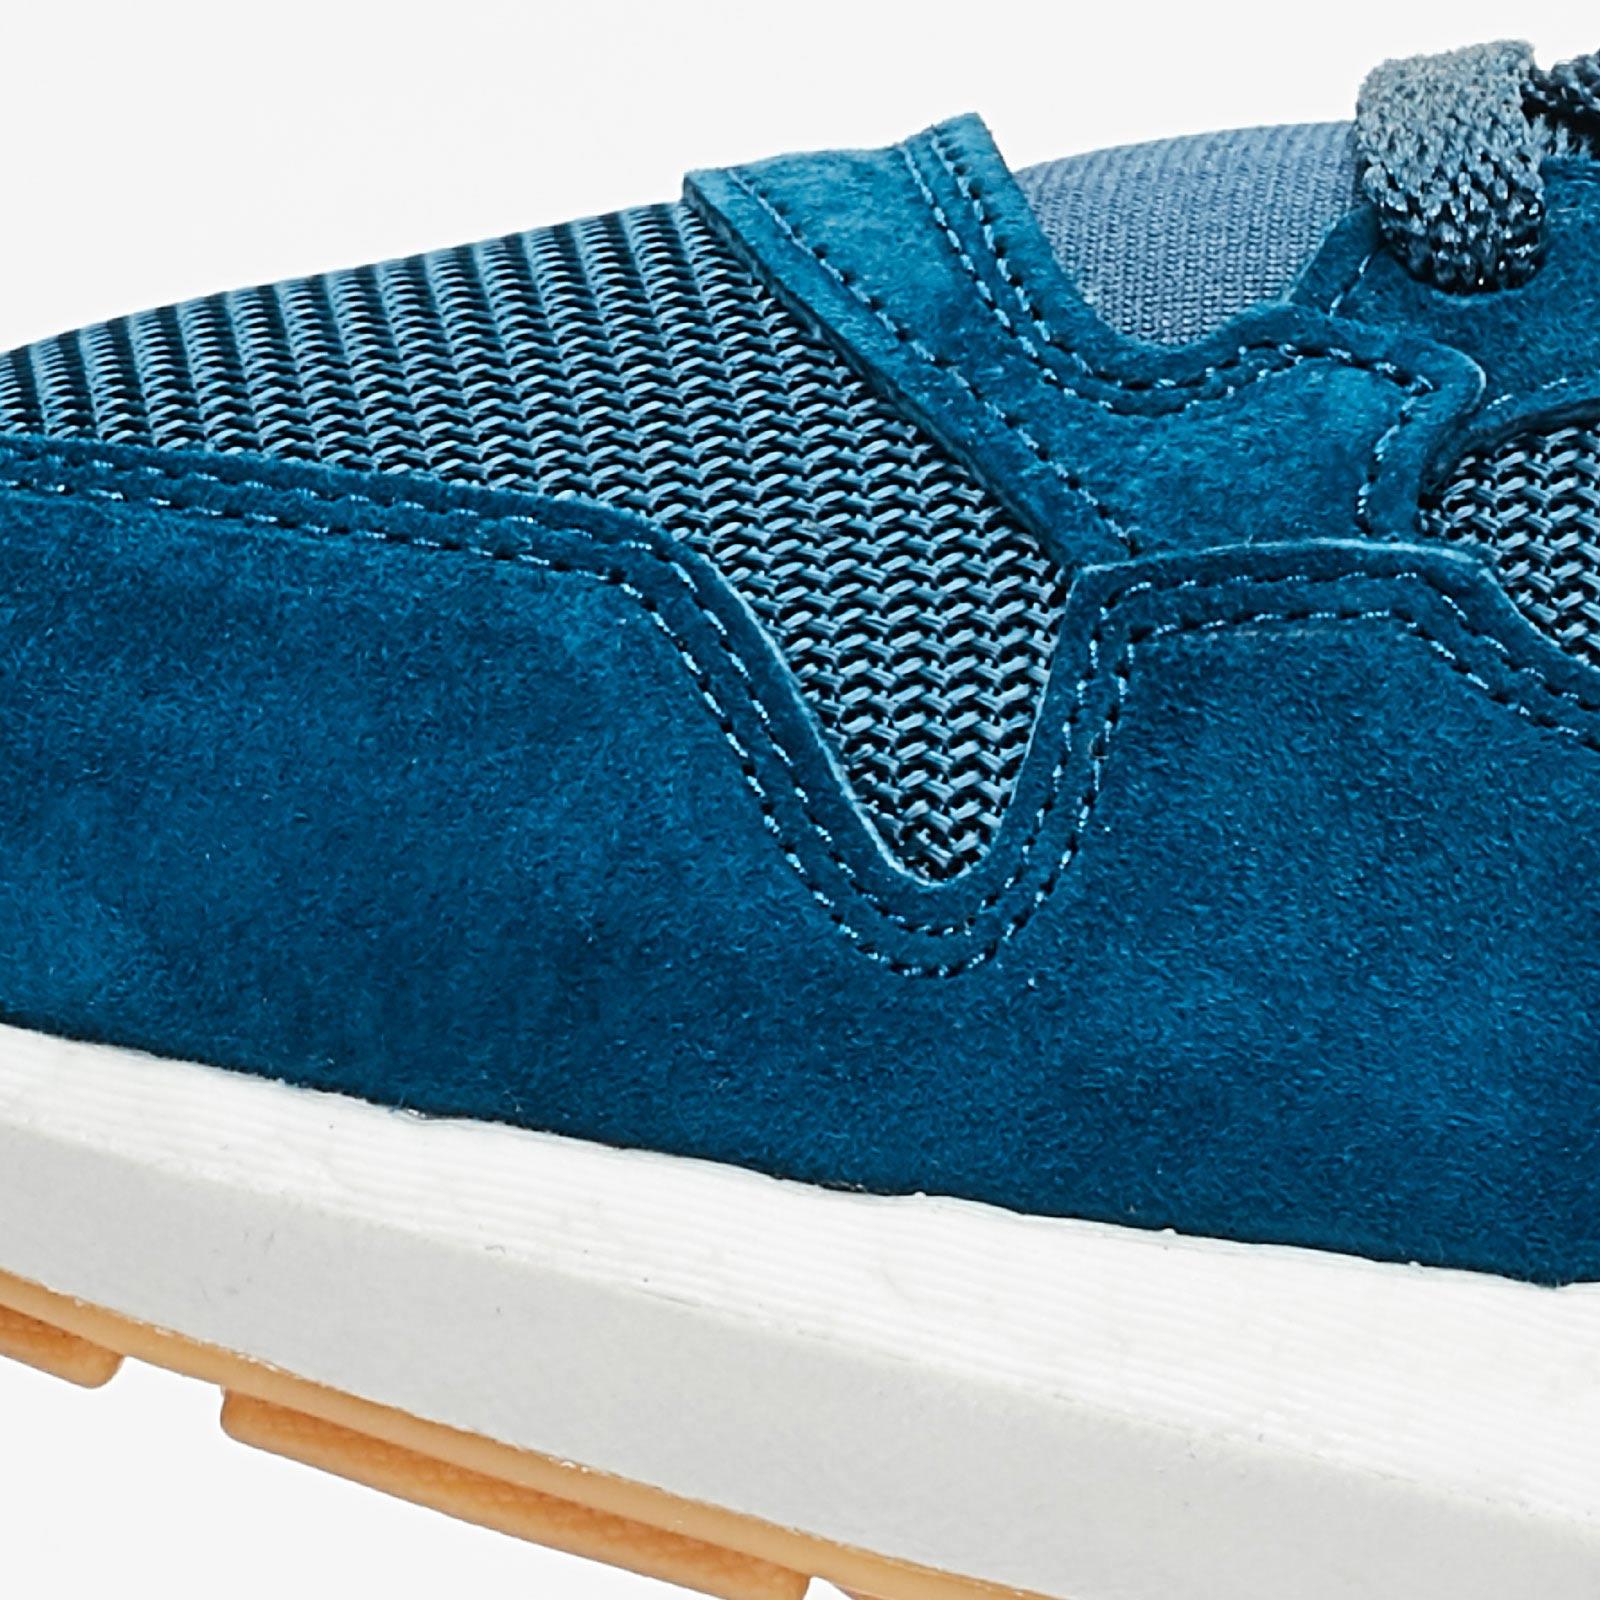 buy popular 13467 5d1f6 ... adidas Originals ZX500 RM ...